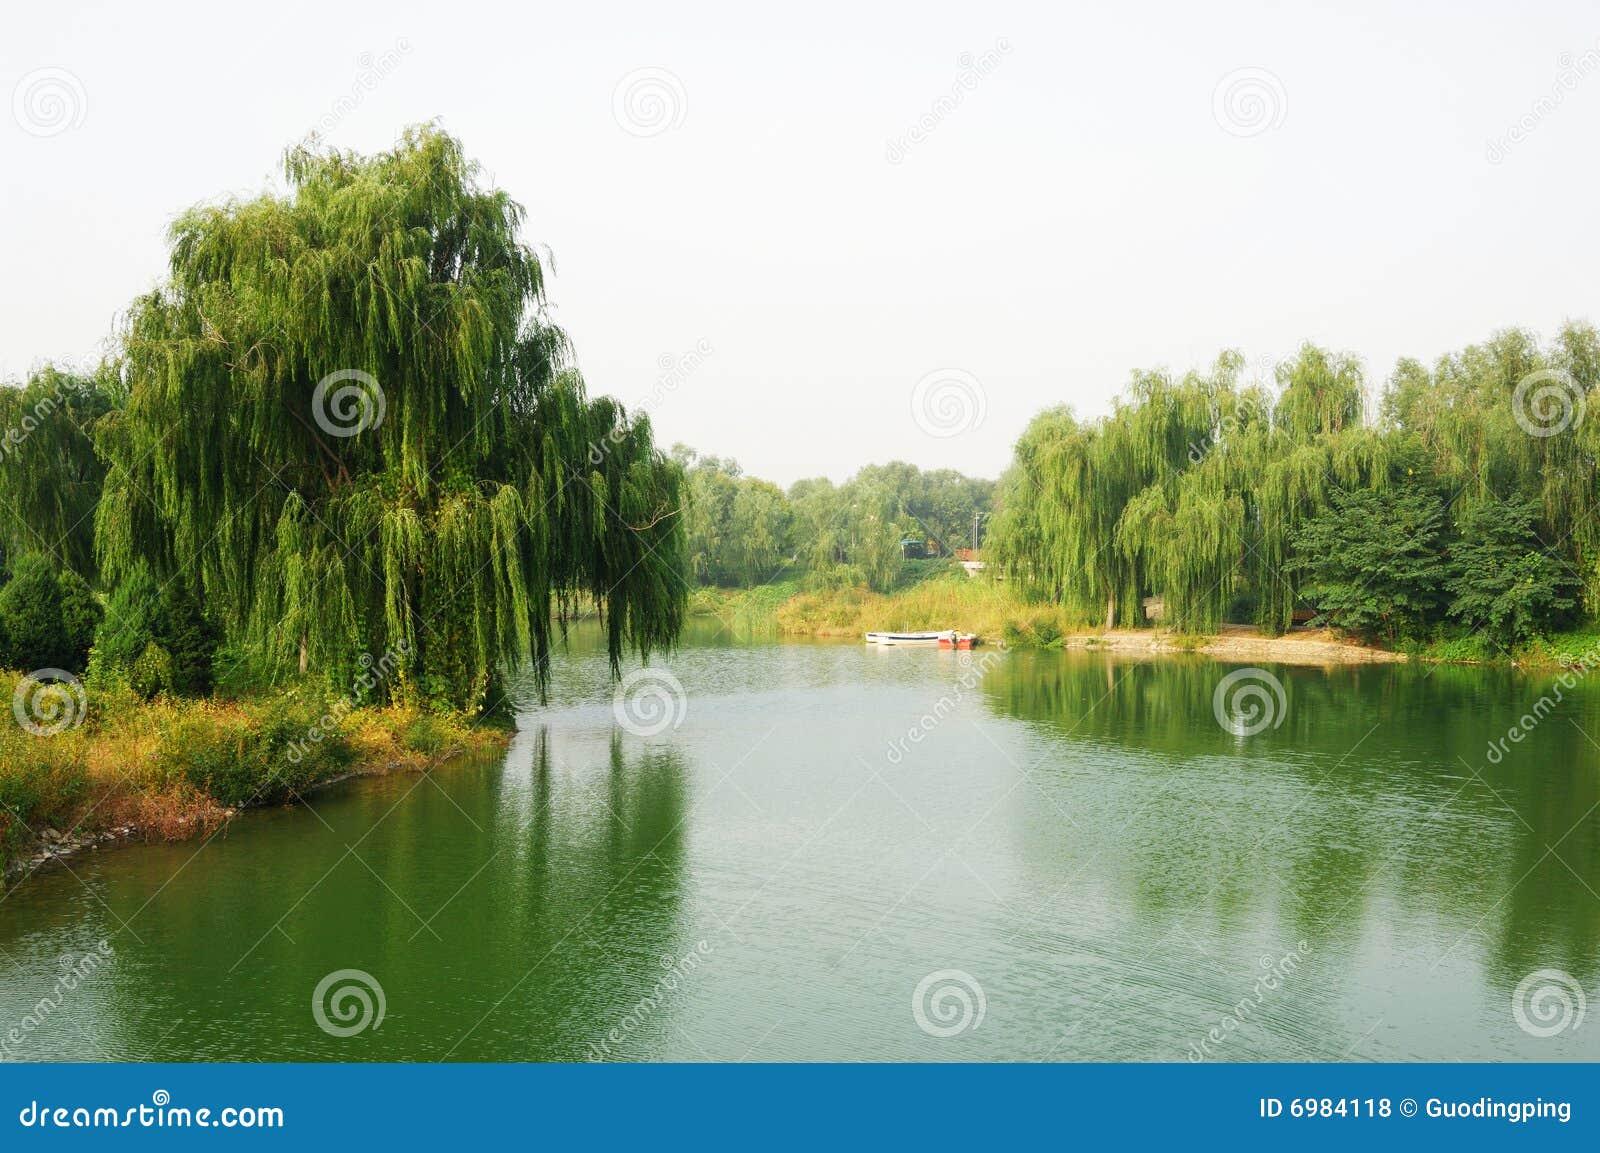 River in park